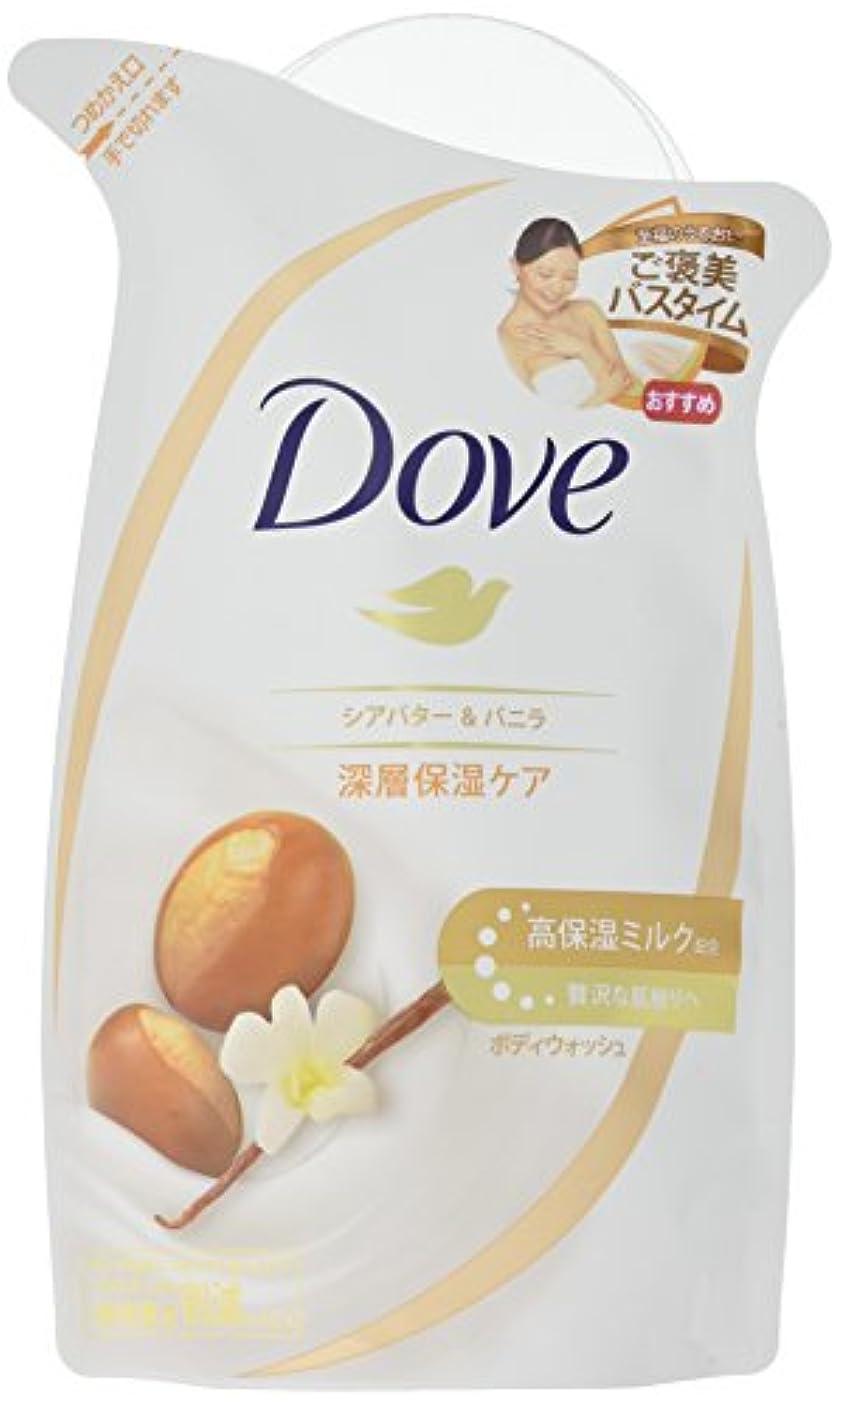 生まれ面転倒Dove ダヴ ボディウォッシュ シアバター & バニラ つめかえ用 340g×4個